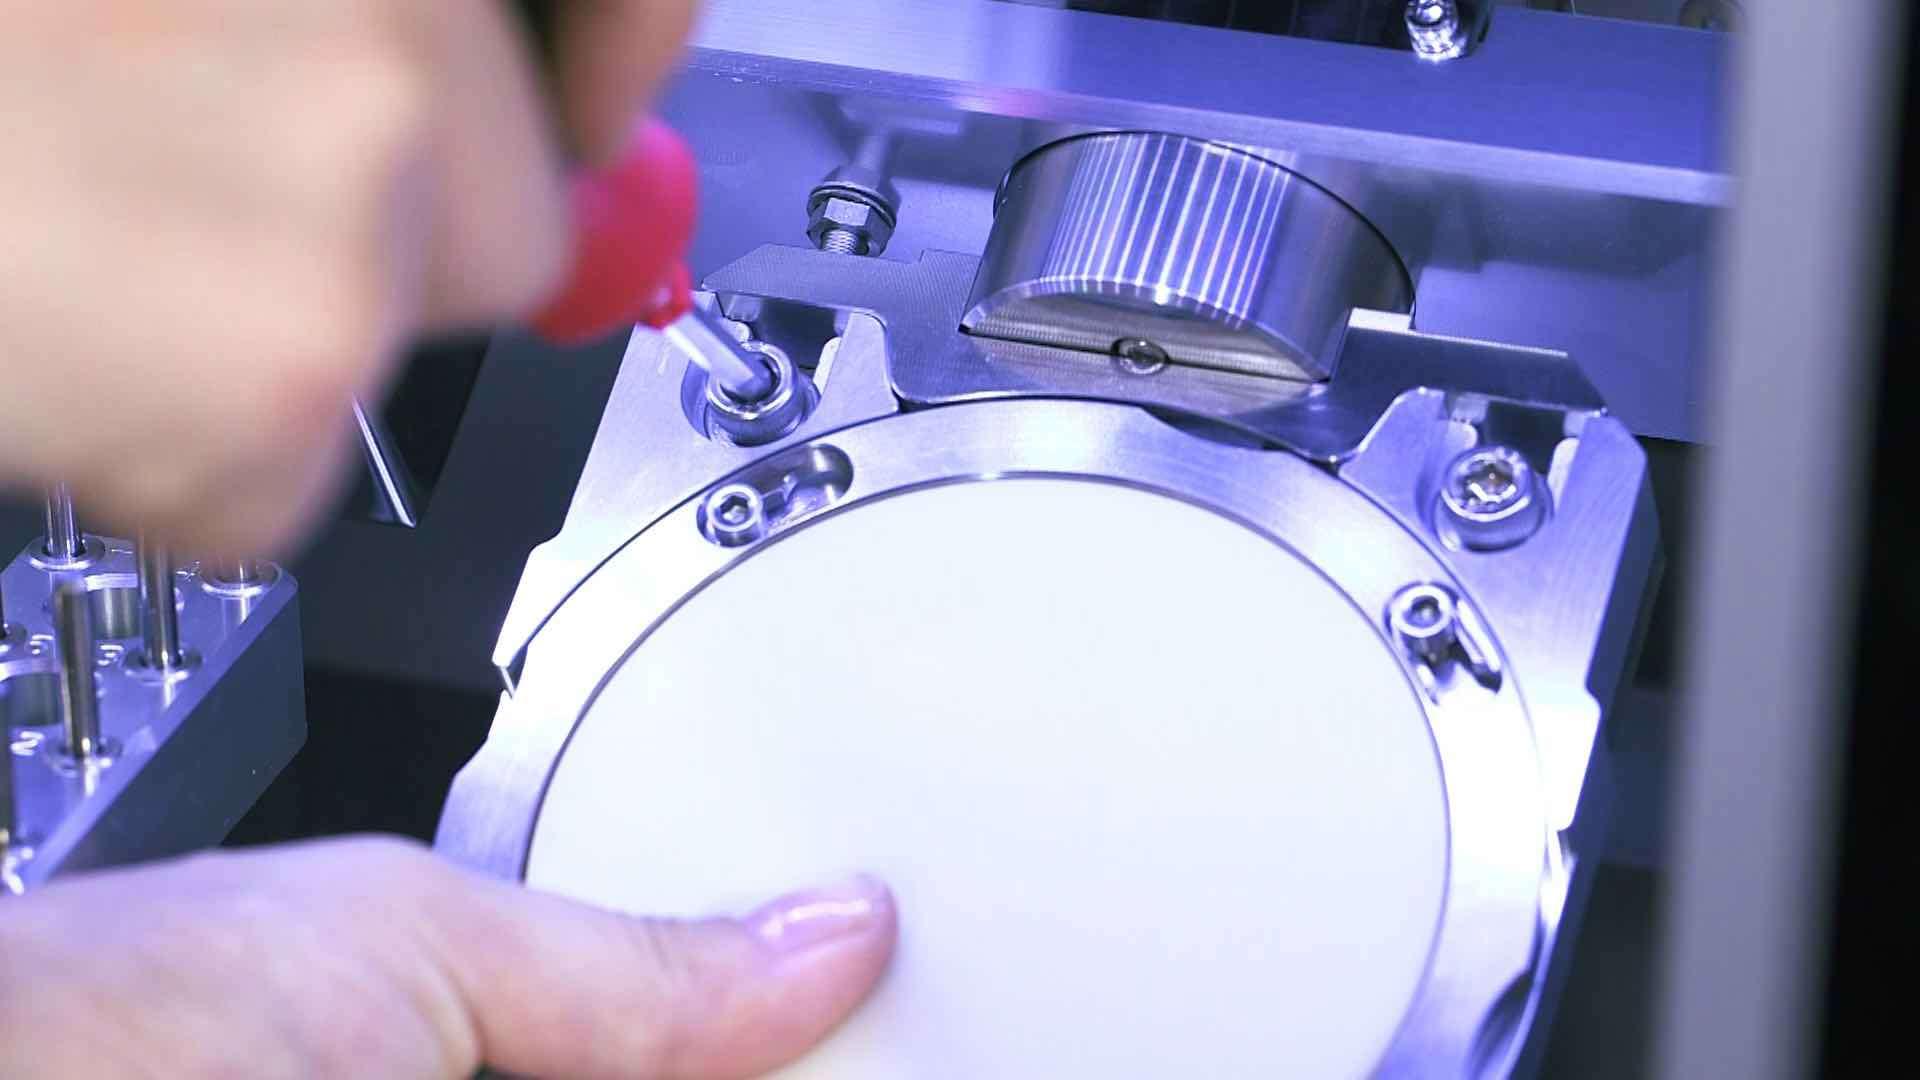 Eingespanntes Werkstück in einer Fräsmaschine von DATRON